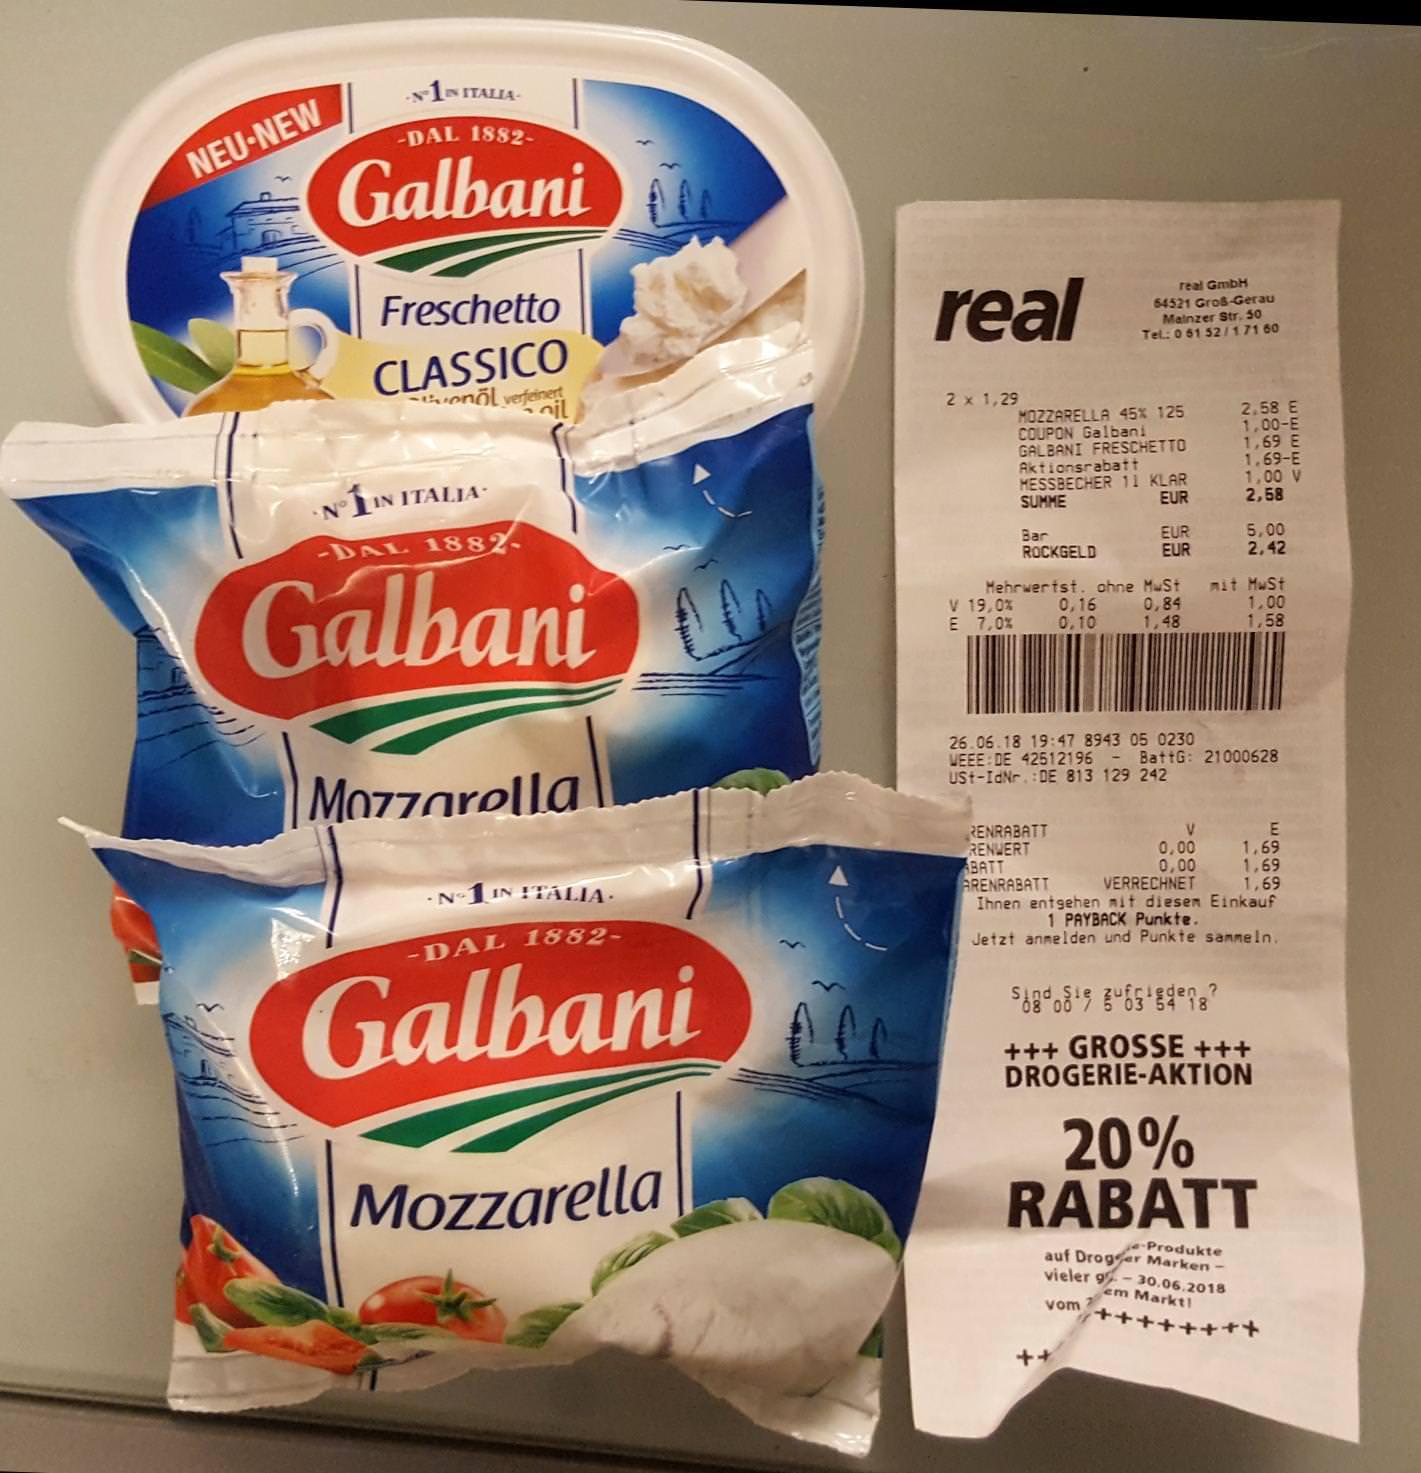 [Real] 2x Galbani Mozzarella 125g + 1x Freschetto 150g für 1,58€ (Angebot+Aktion+Coupon)